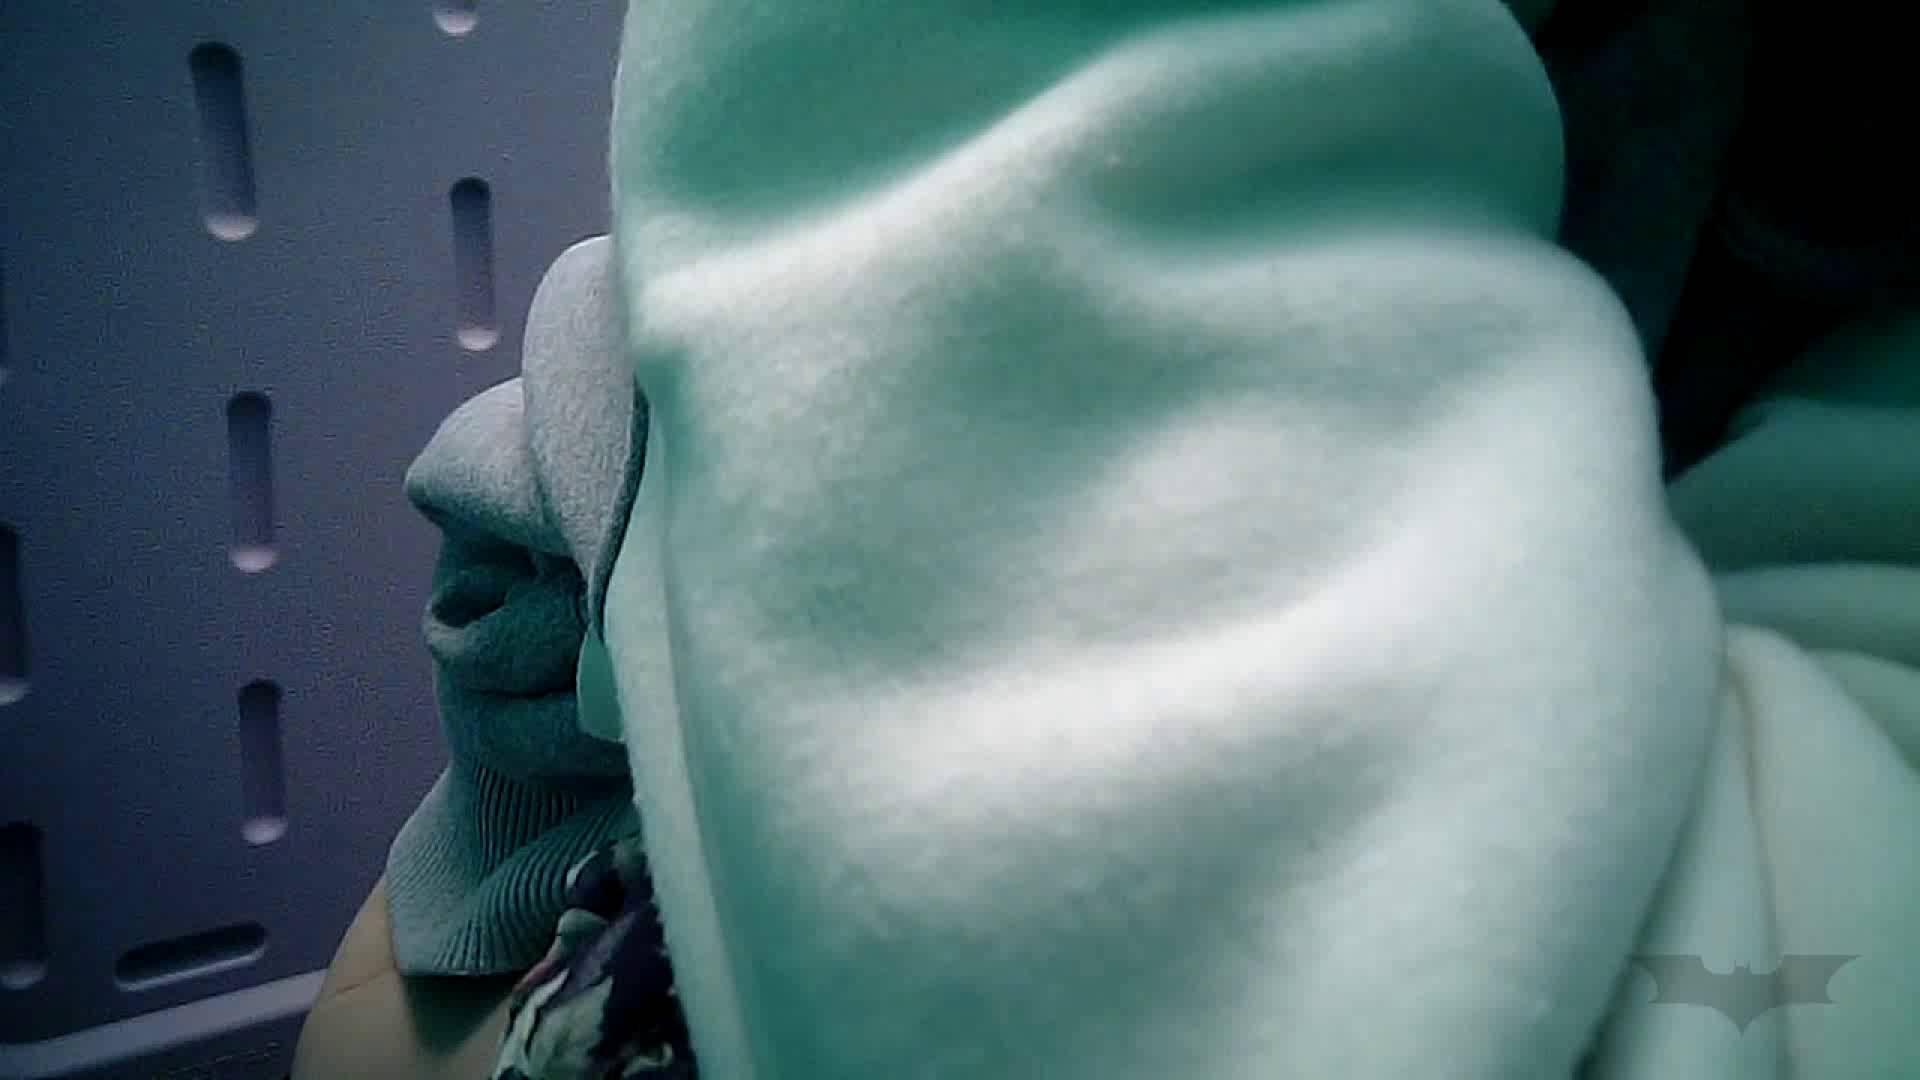 痴態洗面所 Vol.09 美女系、清楚系、ギャル系、時々祭り系?? ギャル達 エロ画像 90枚 56